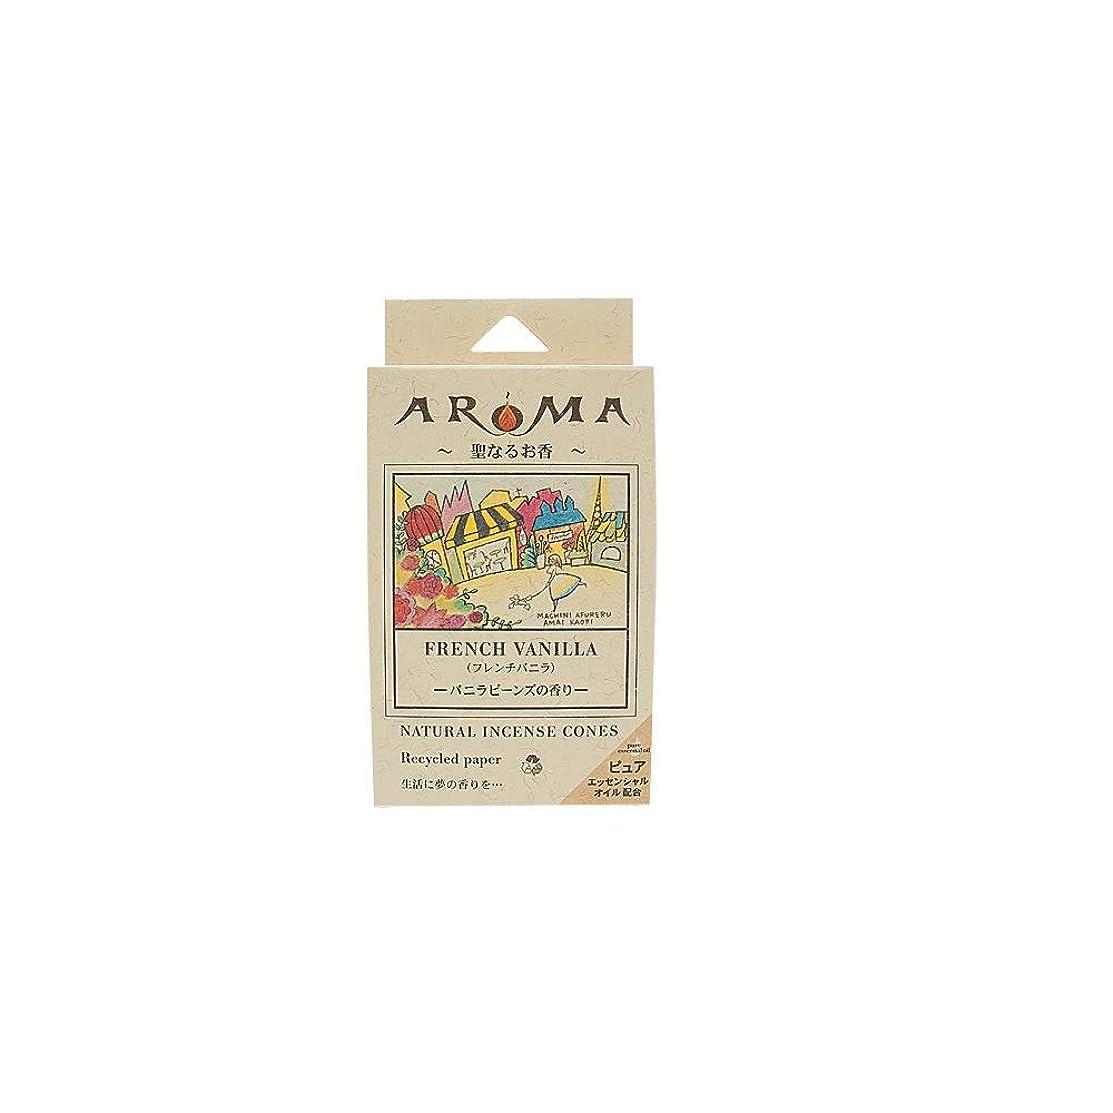 構成東ストリームアロマ香 フレンチバニラ 16粒(コーンタイプインセンス 1粒の燃焼時間約20分 バニラビーンズの香り)